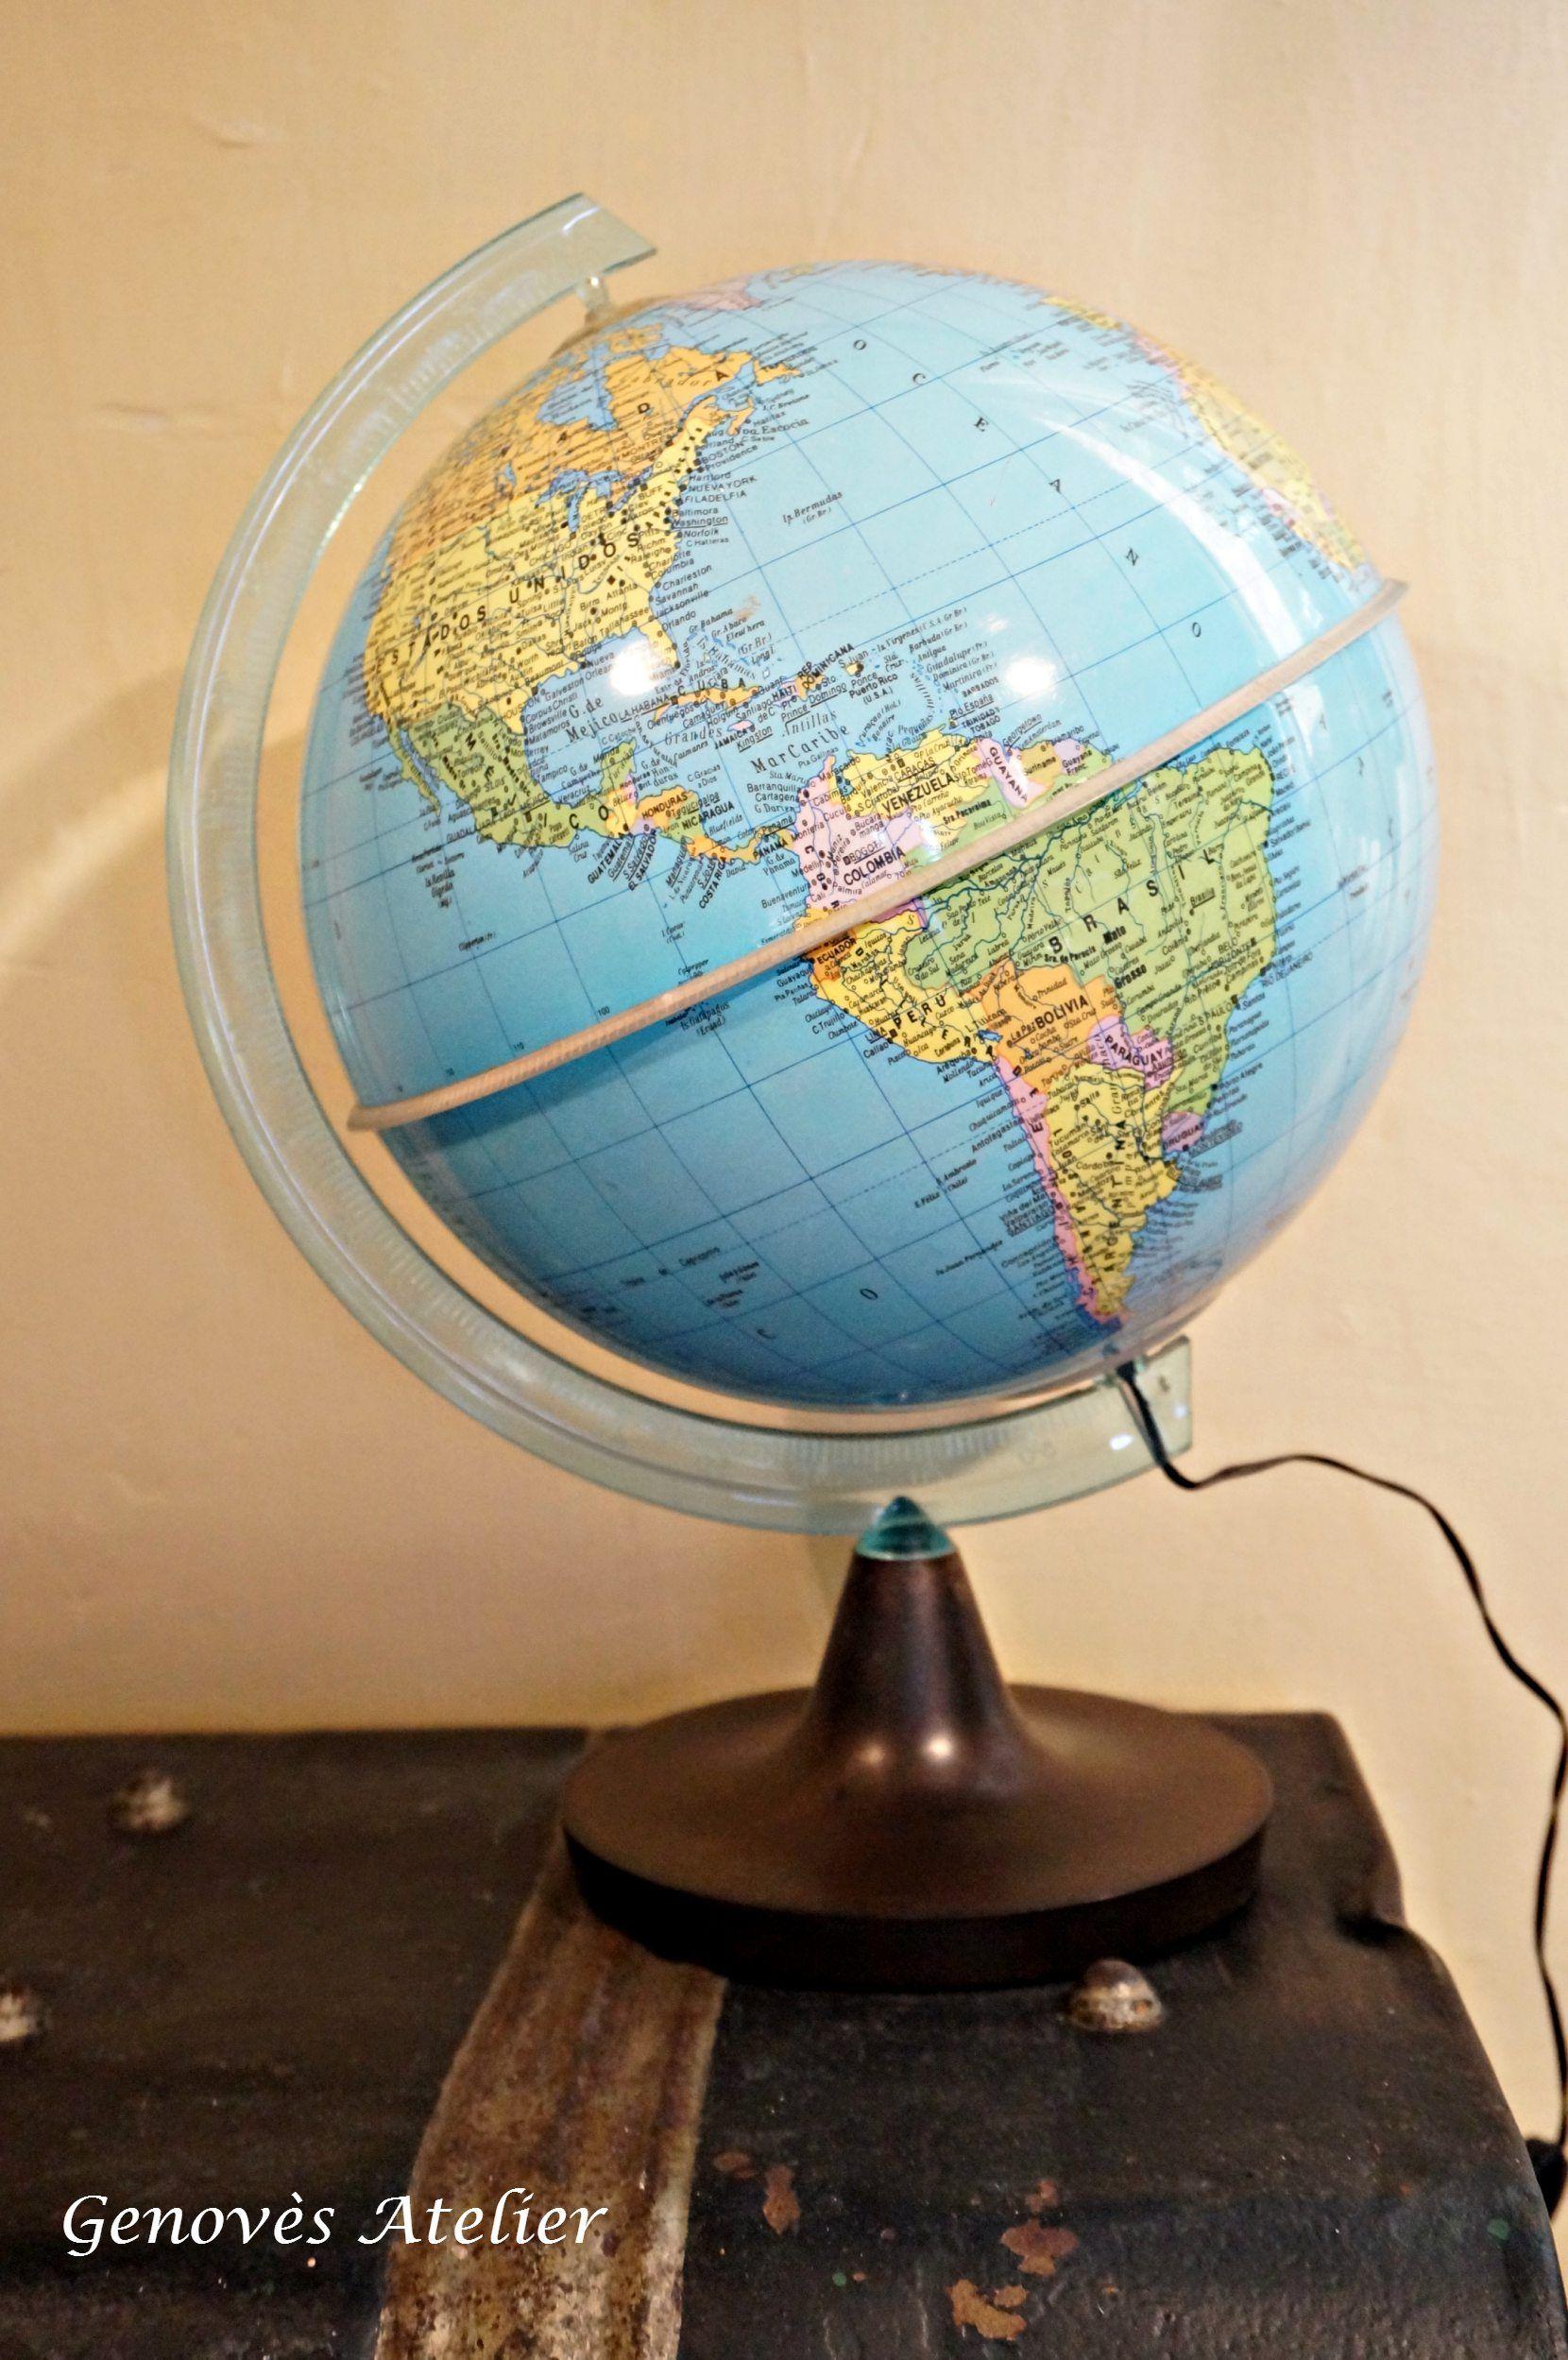 bola del mundo dalmau carles pla con luz genoves atelier globes pinterest luces globo y el mundo